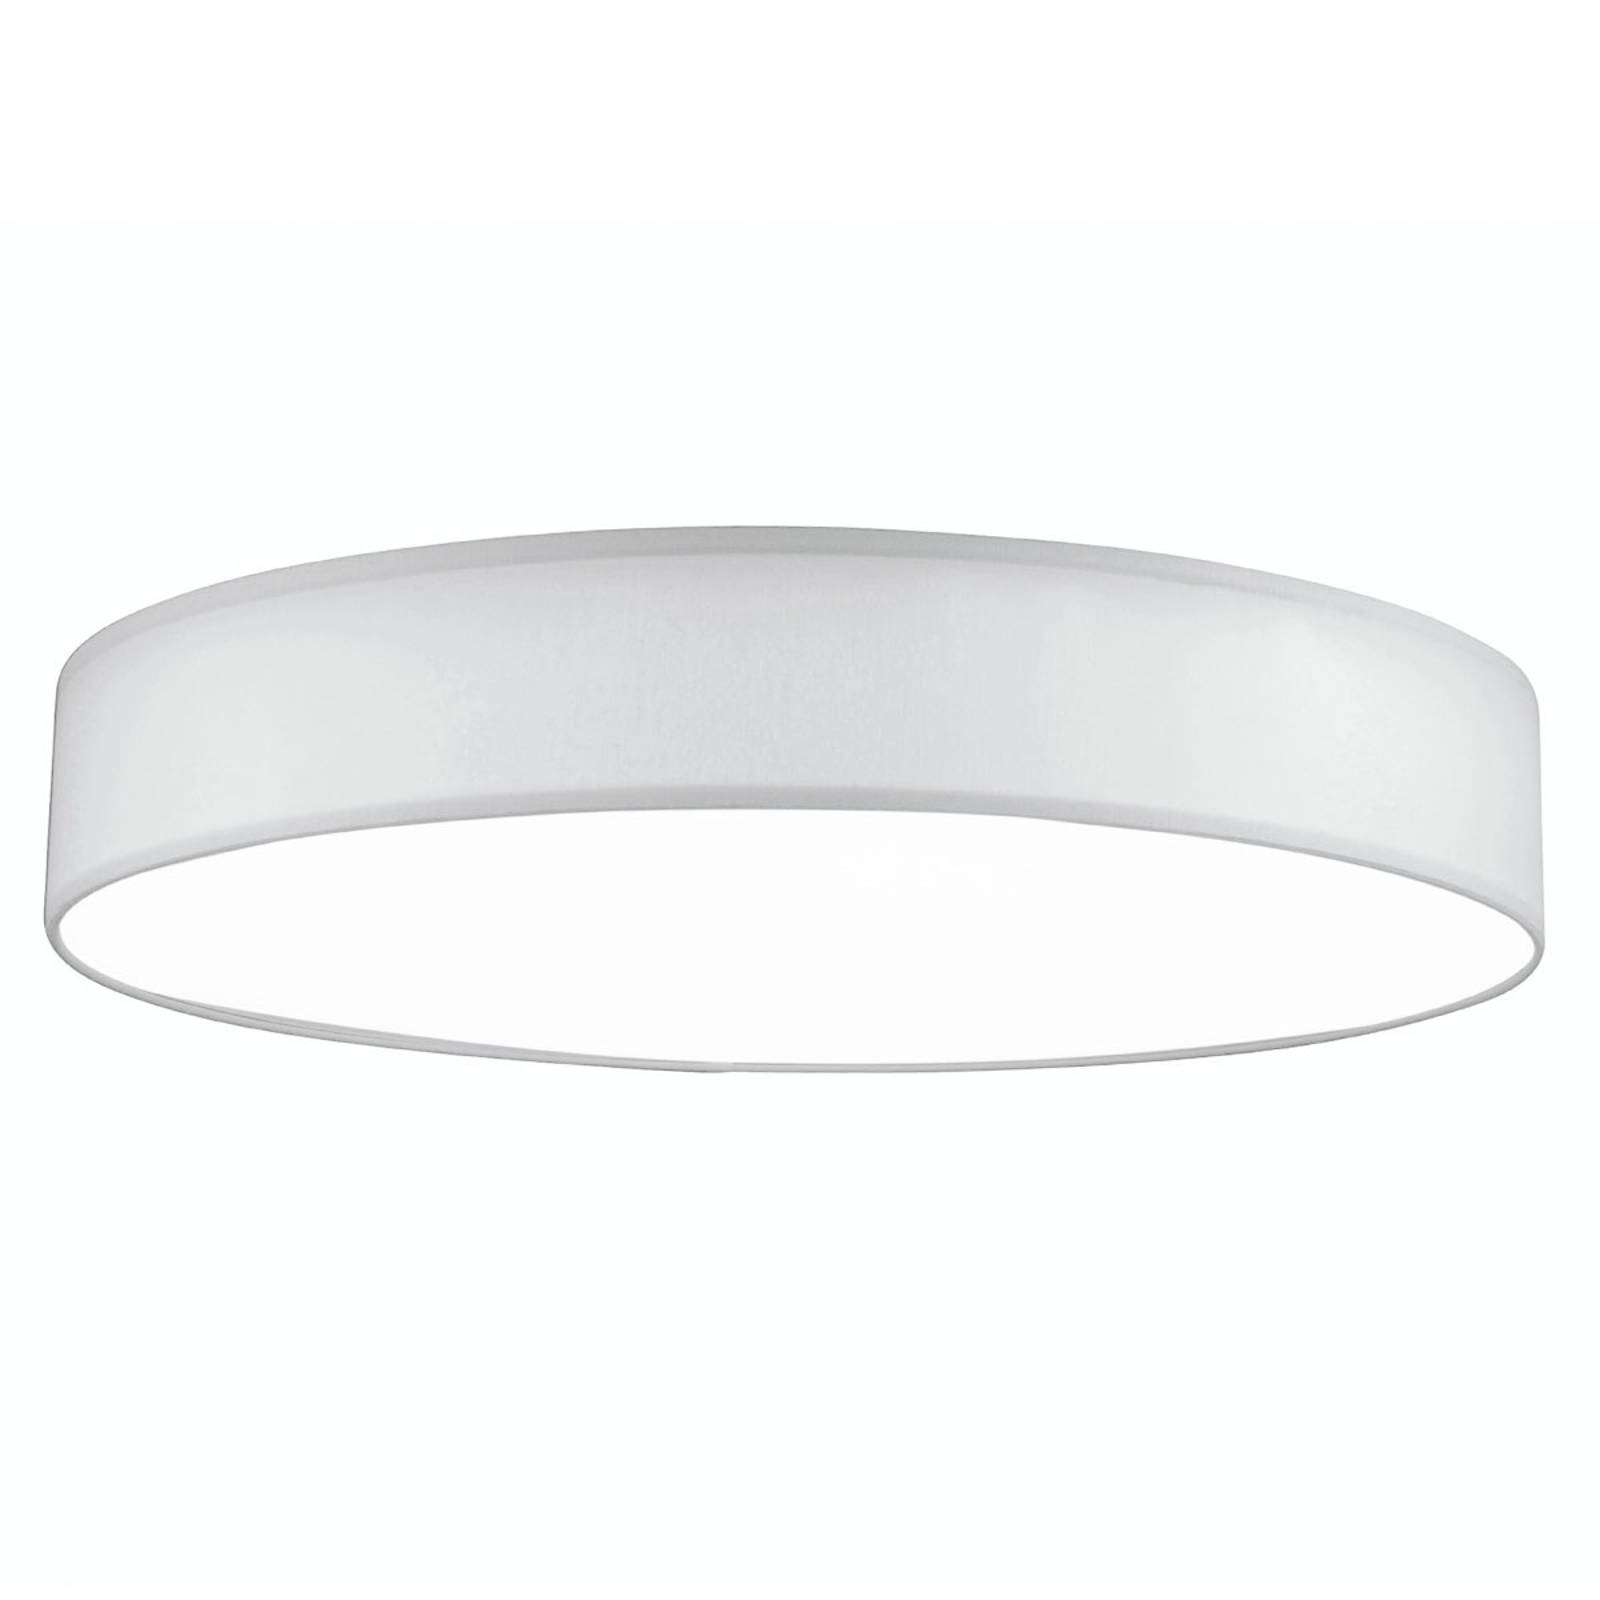 LED-Deckenleuchte Luno XL 3.000K 100 W weiß